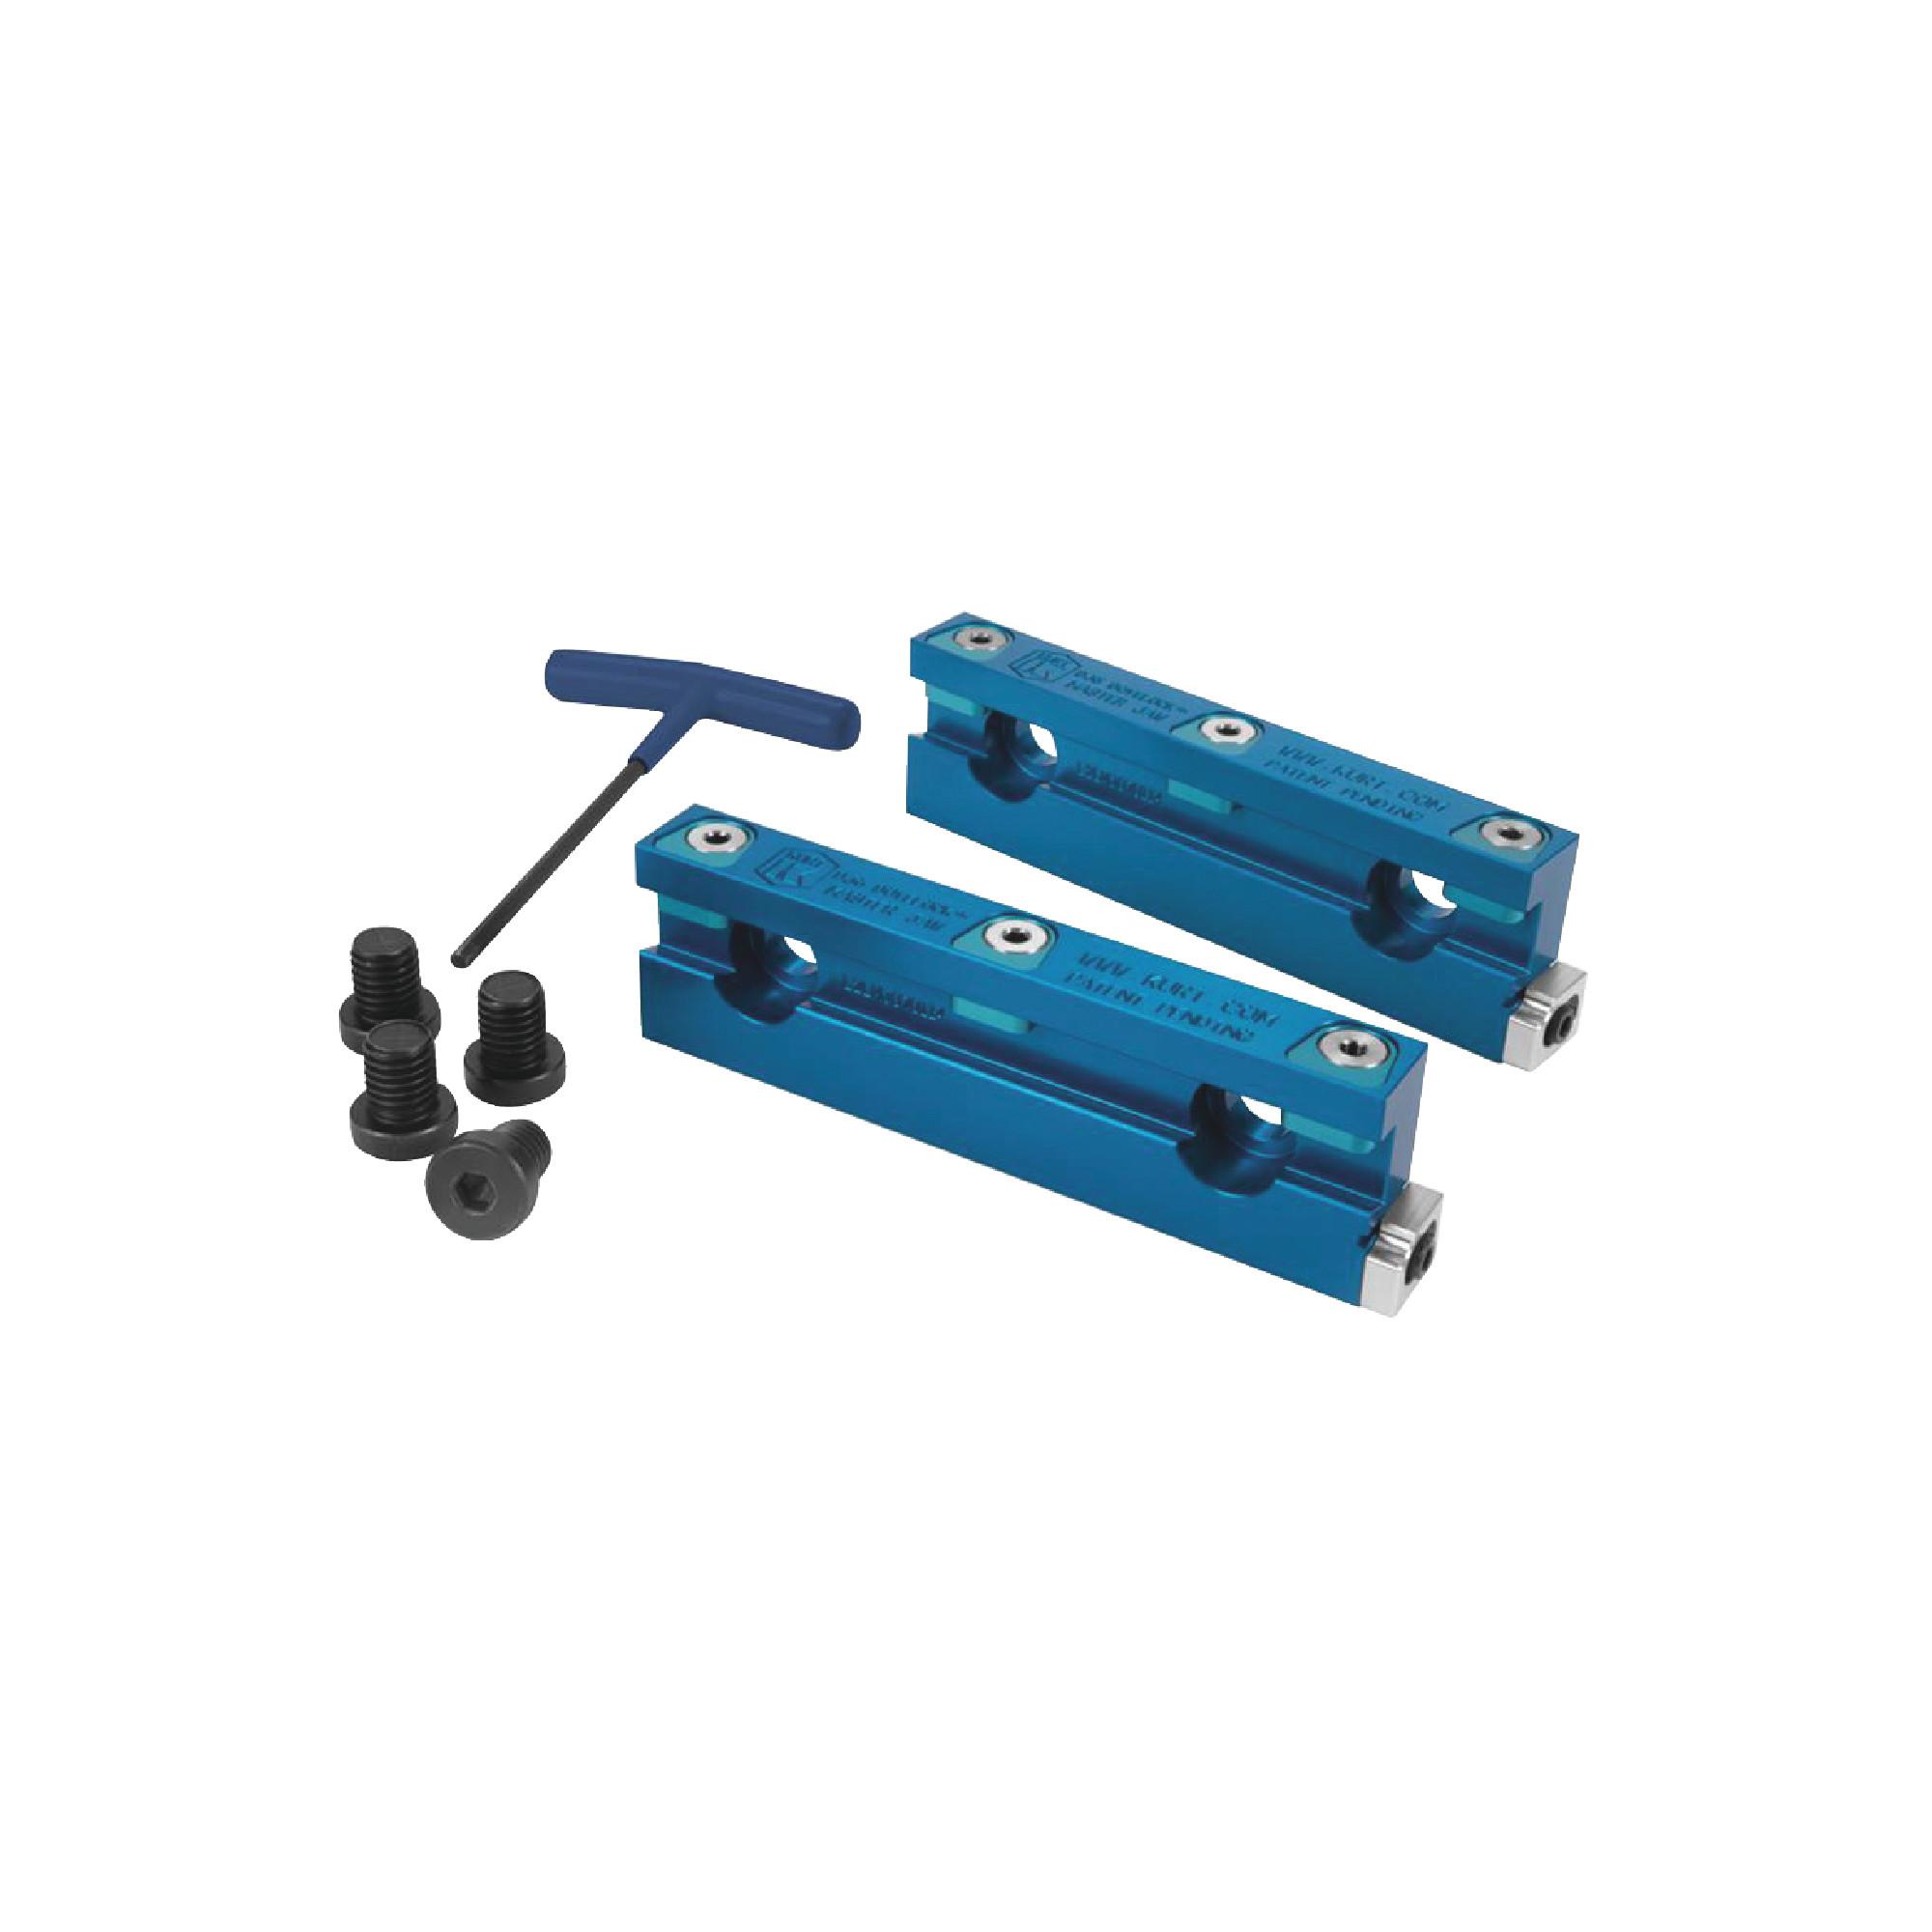 DoveLock™ Quick Change Metric Master Jaw Kit